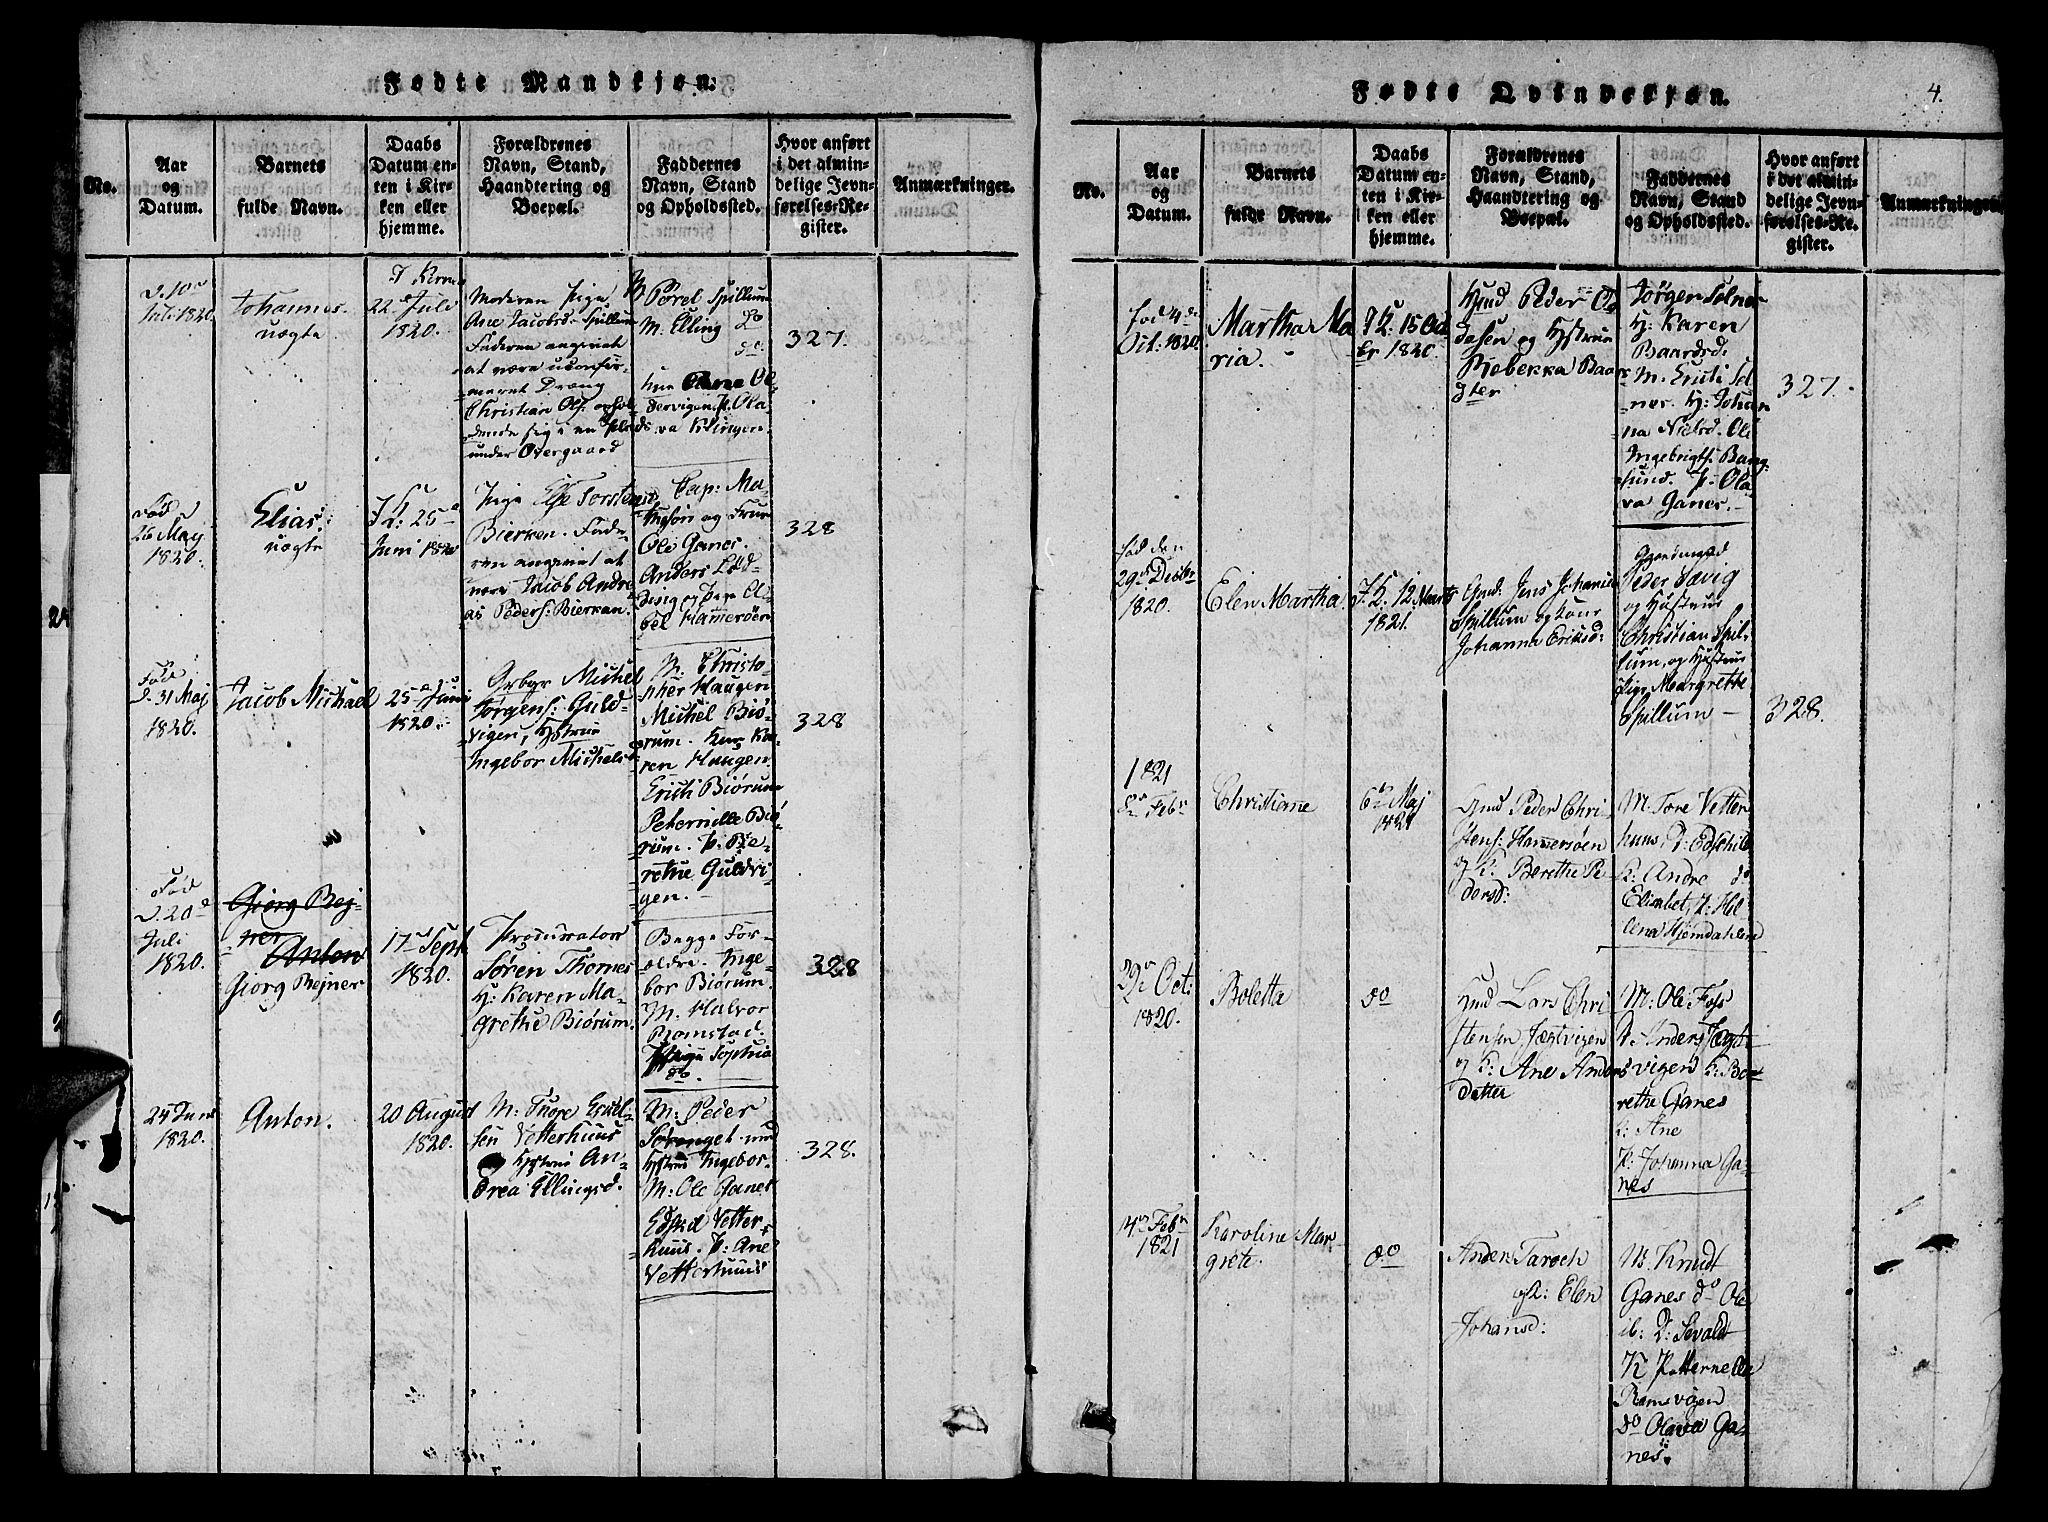 SAT, Ministerialprotokoller, klokkerbøker og fødselsregistre - Nord-Trøndelag, 770/L0588: Ministerialbok nr. 770A02, 1819-1823, s. 4